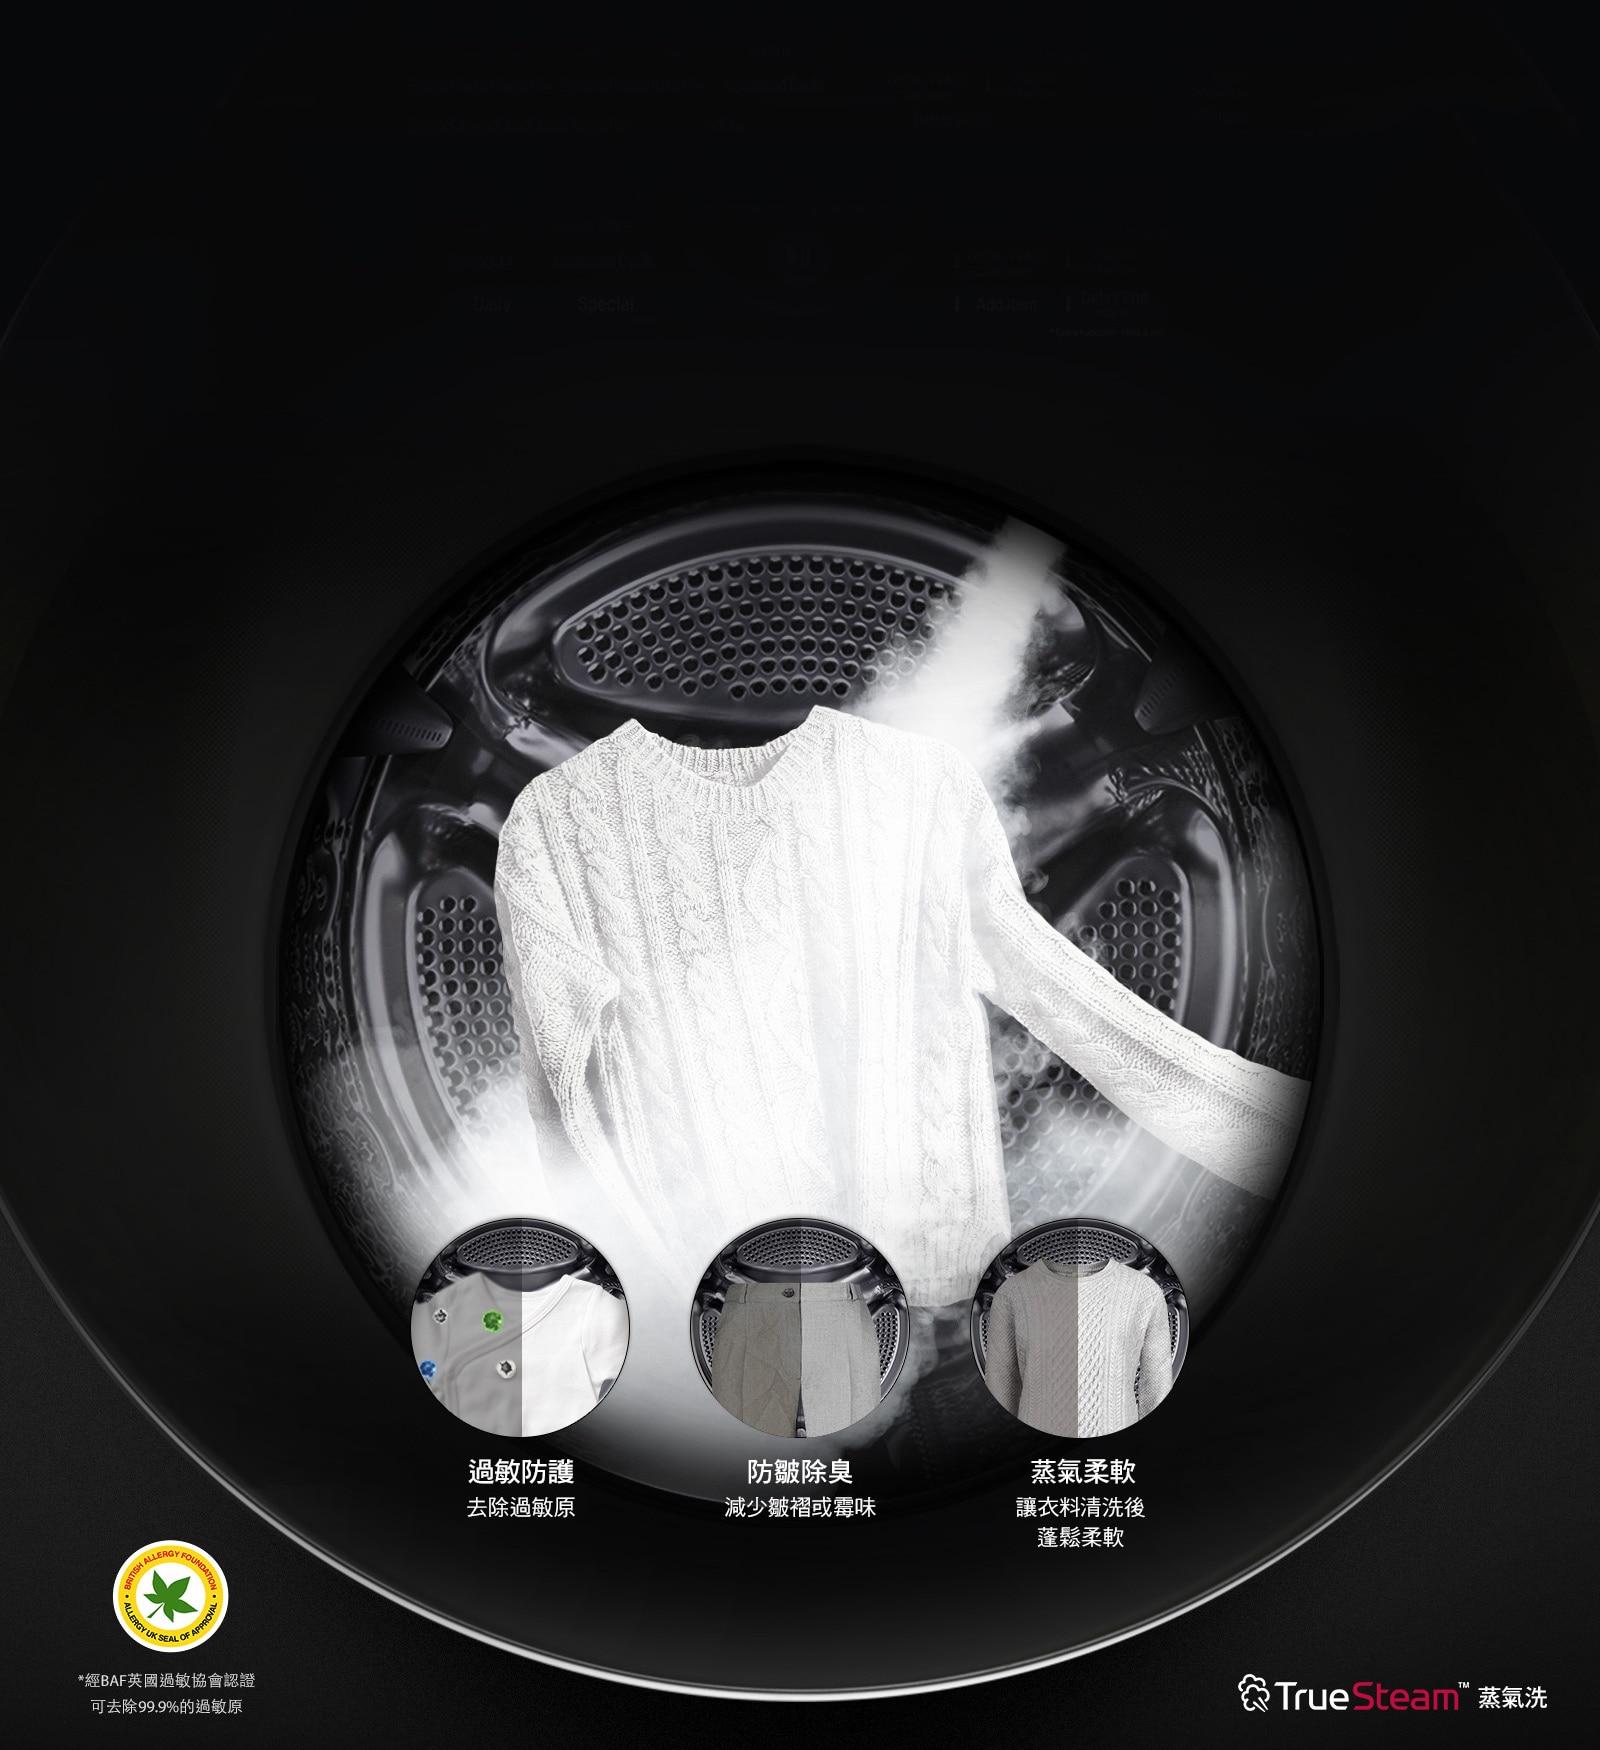 WD-XXXXX-silver_TrueSteam-99_24012018_D